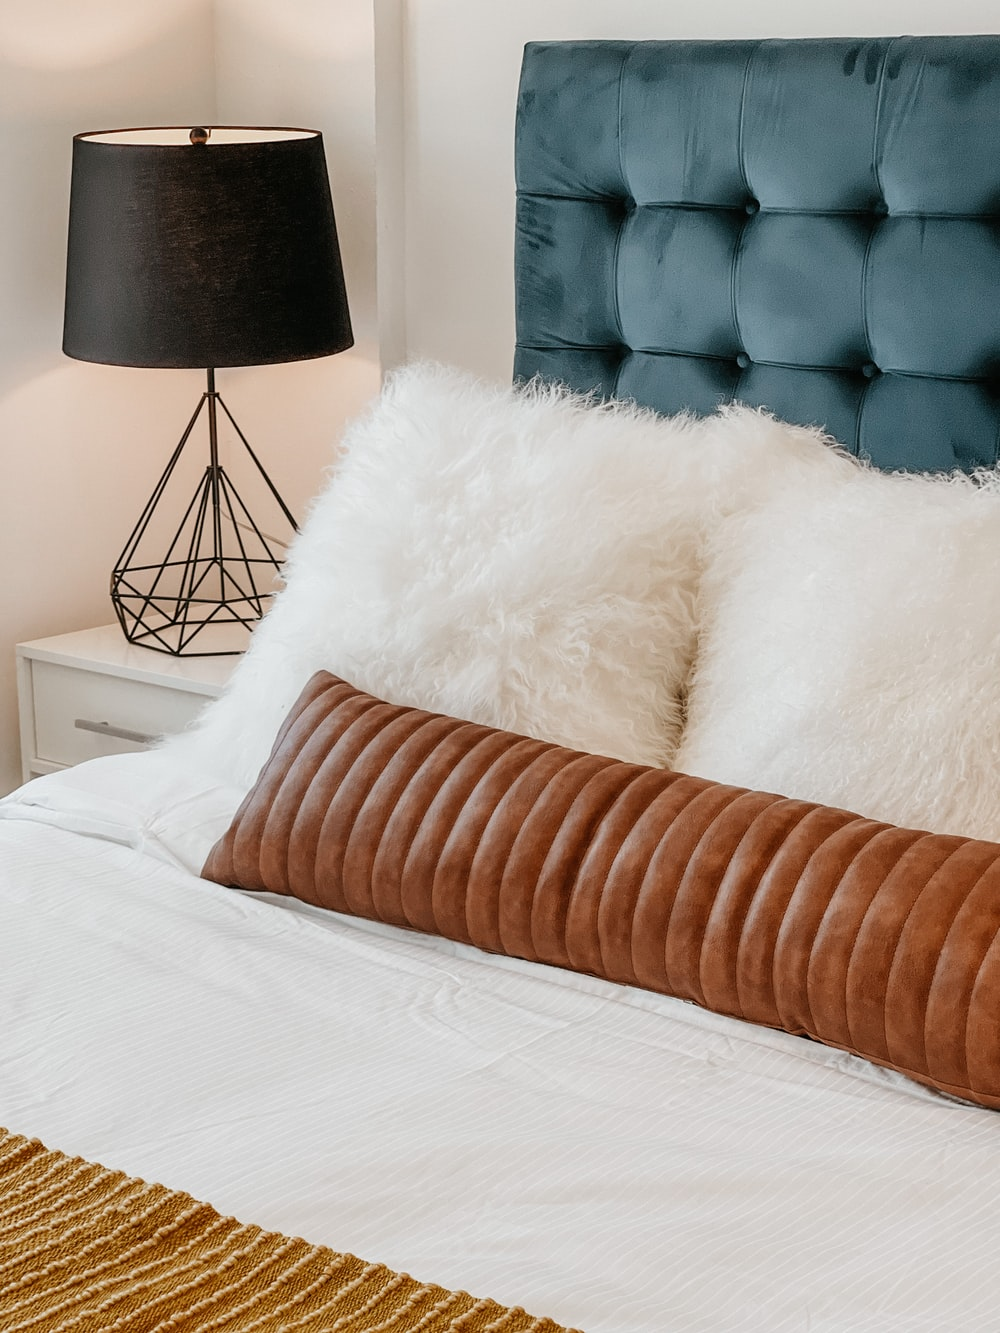 white fur textile on white bed